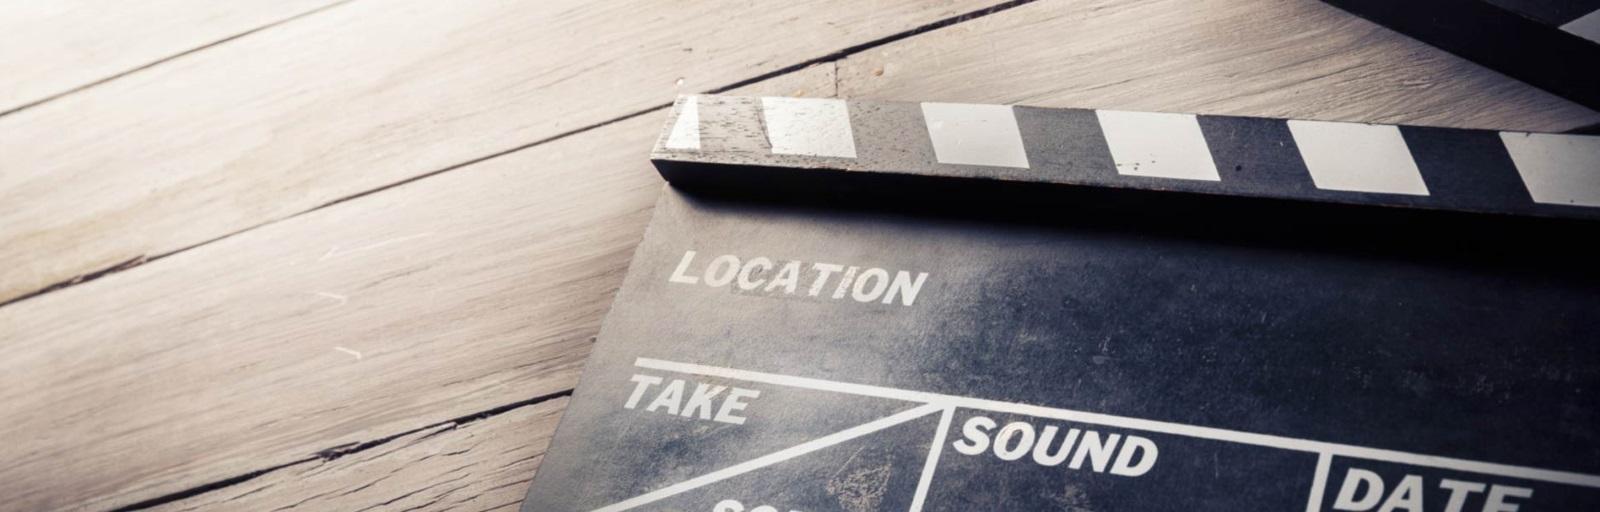 Παραγωγή διαφημιστικού video για τα social media, youtbe, internet